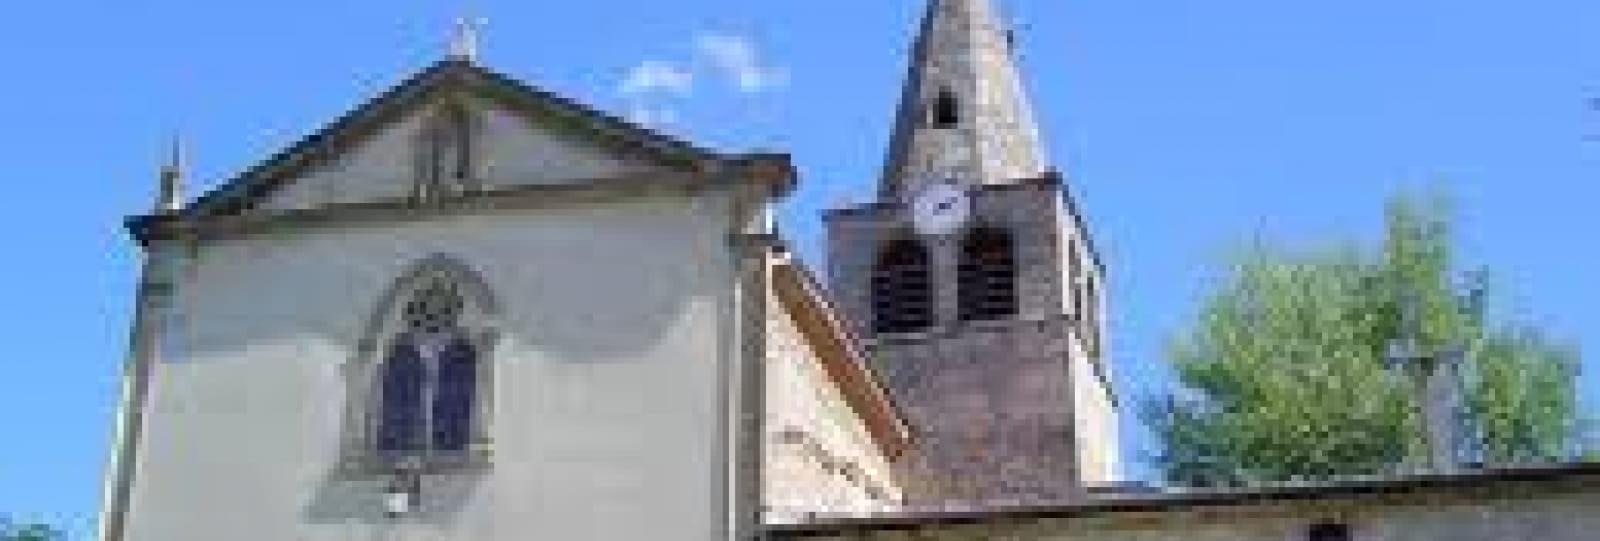 Eglise Saint-Nicolas de Charpey